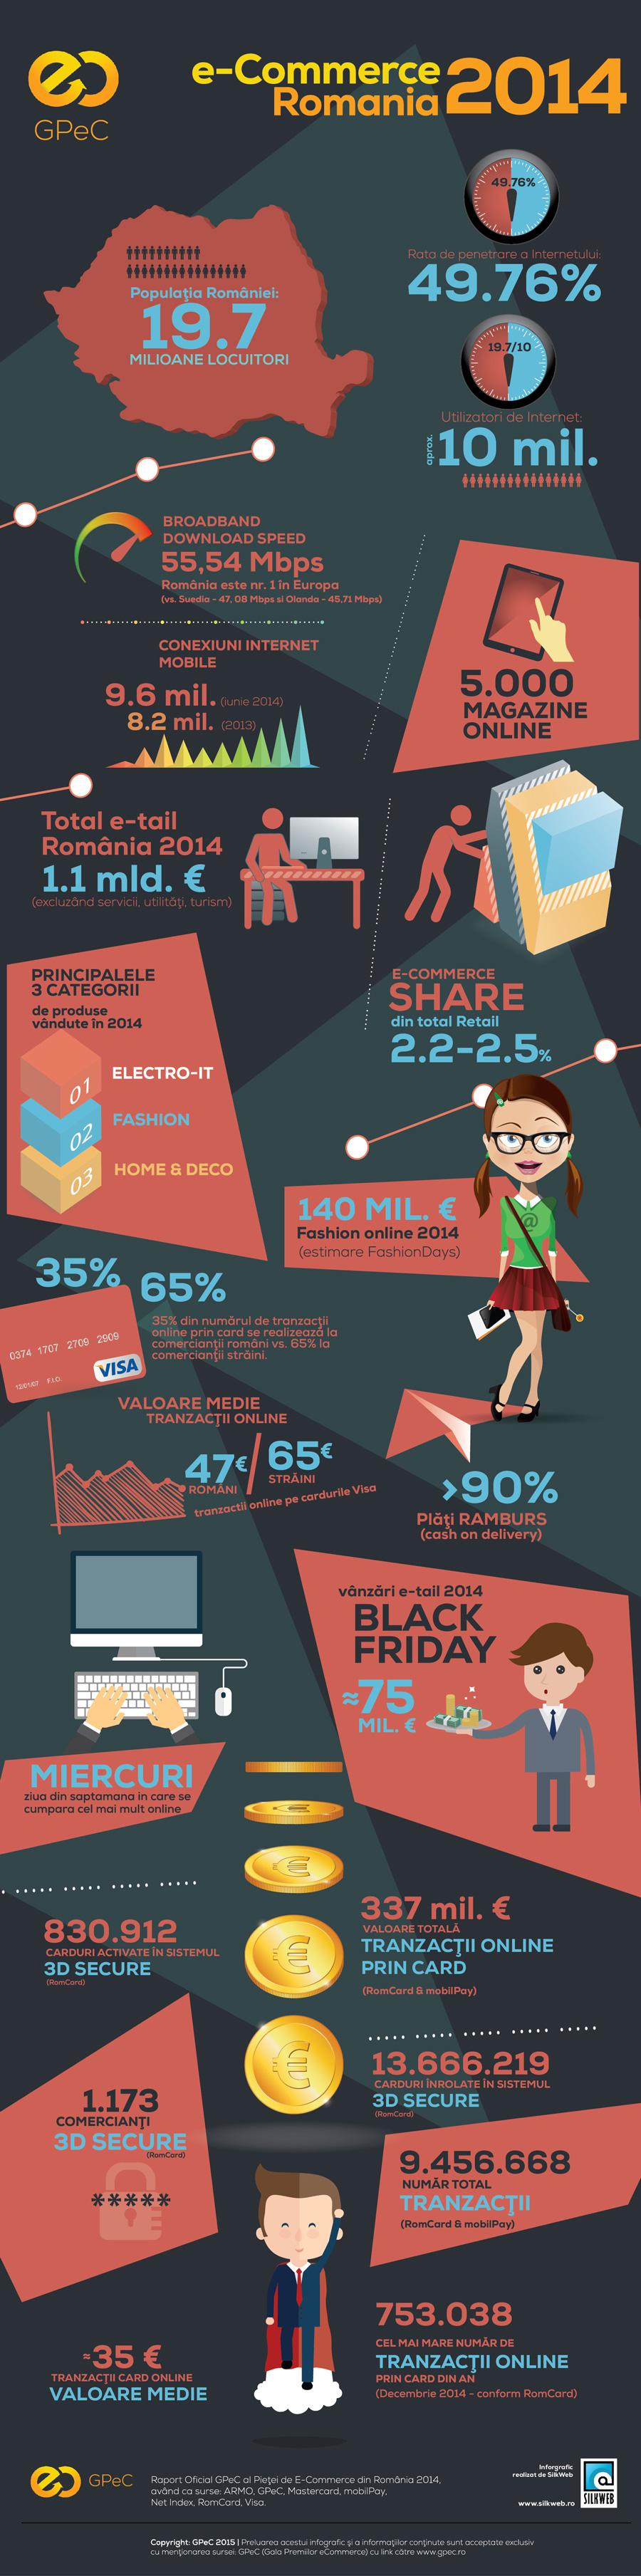 Infografic-GPec